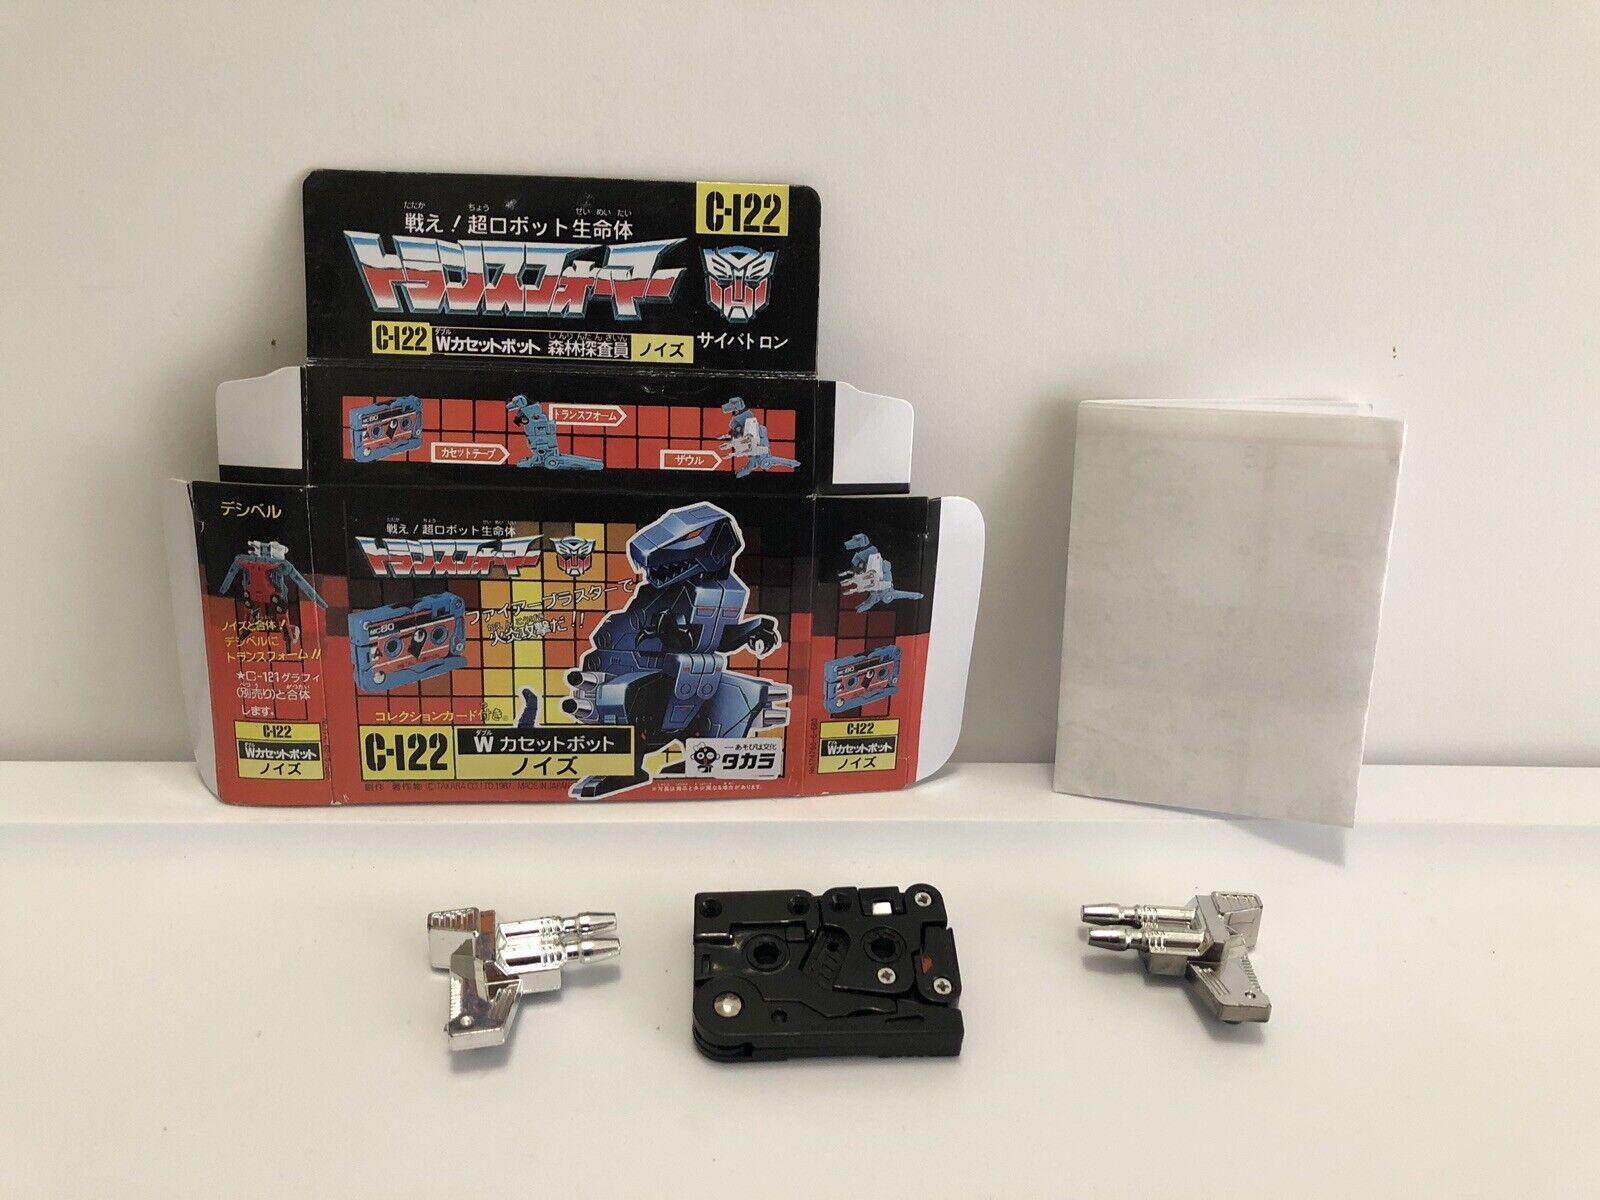 marcas en línea venta barata Transformers G1 Noizu C-122 Negro REPRO REPRO REPRO Set  nuevo listado